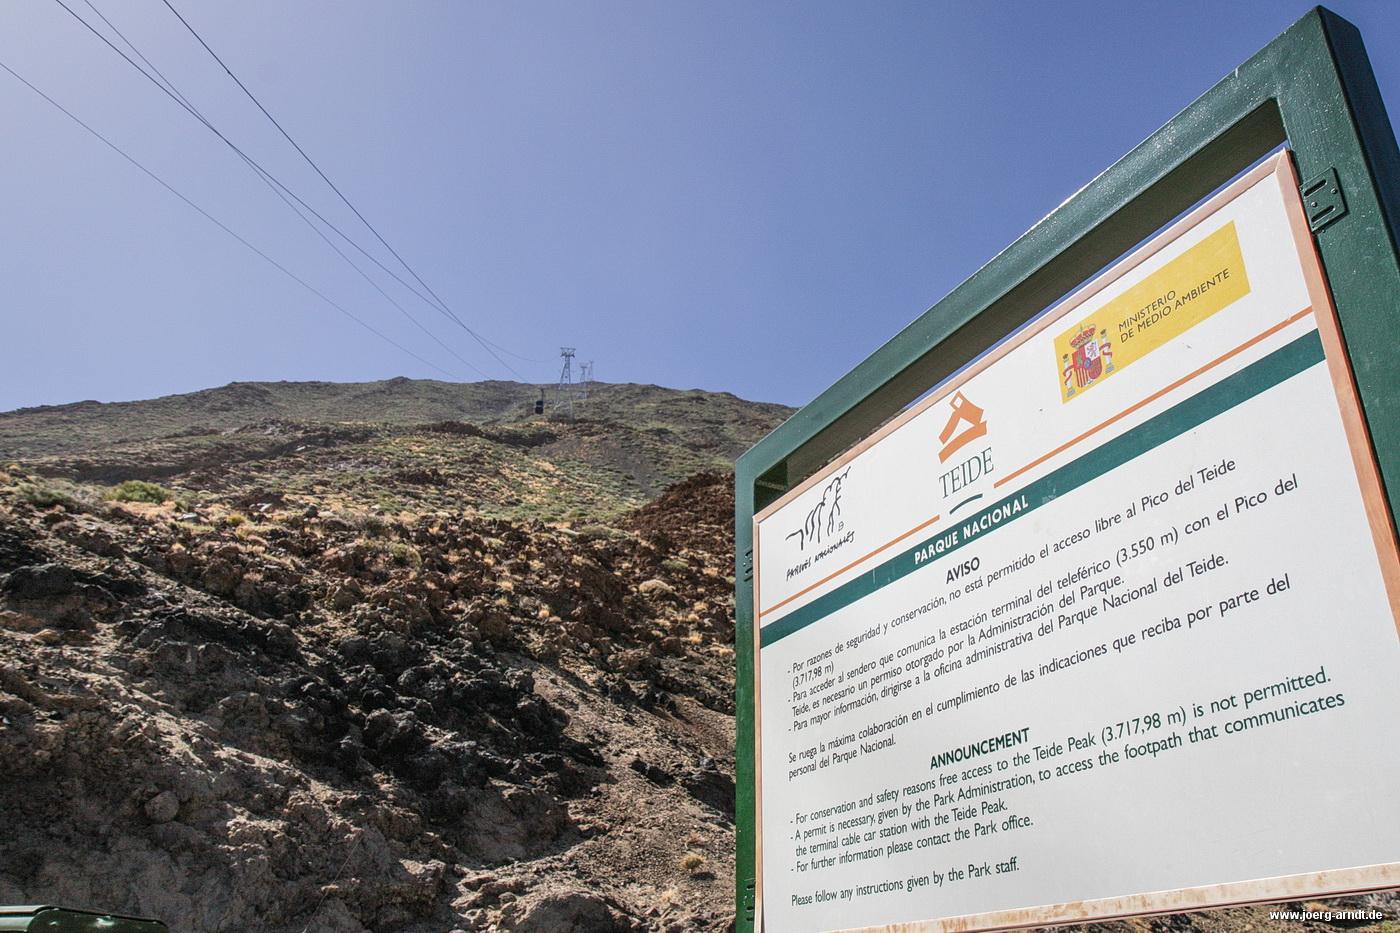 Dass man sich in einem Nationalpark befindet, wird spätenstens beim Blick auf dieses Schild deutlich: Wer bis ganz oben zum Gipfel möchte, benötigt eine Sondergenehmigung.